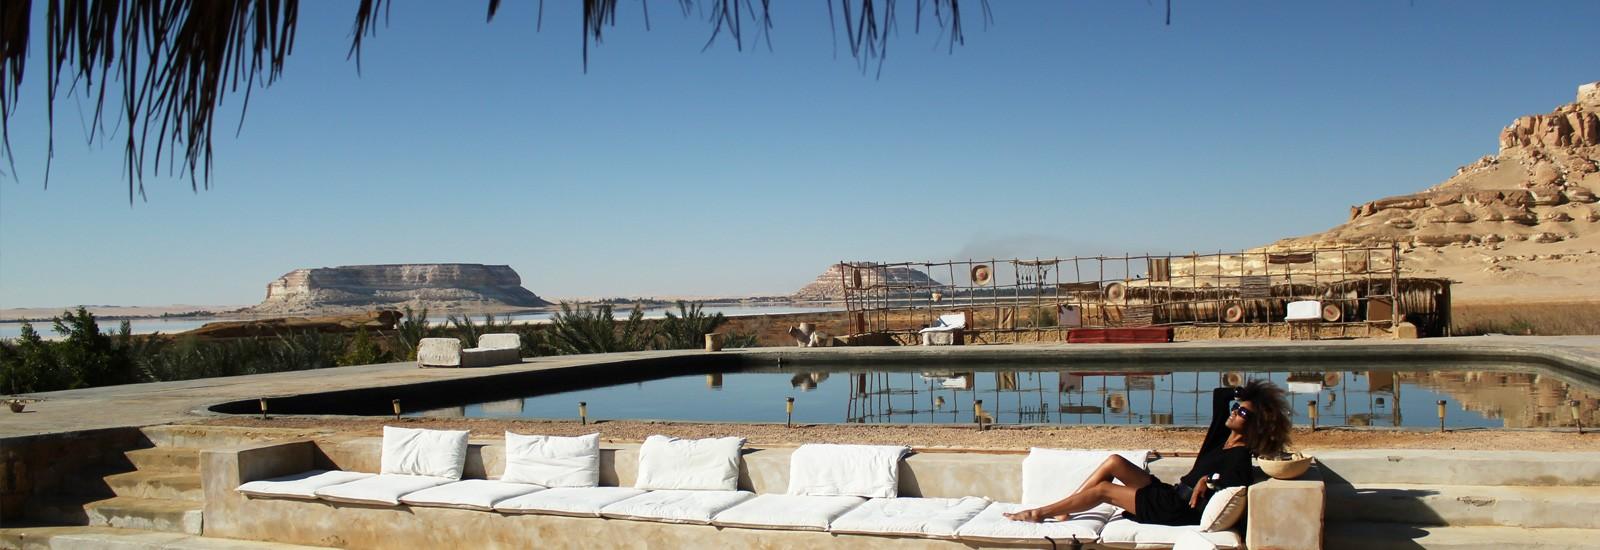 Eco-Chic Living at Siwa Oasis